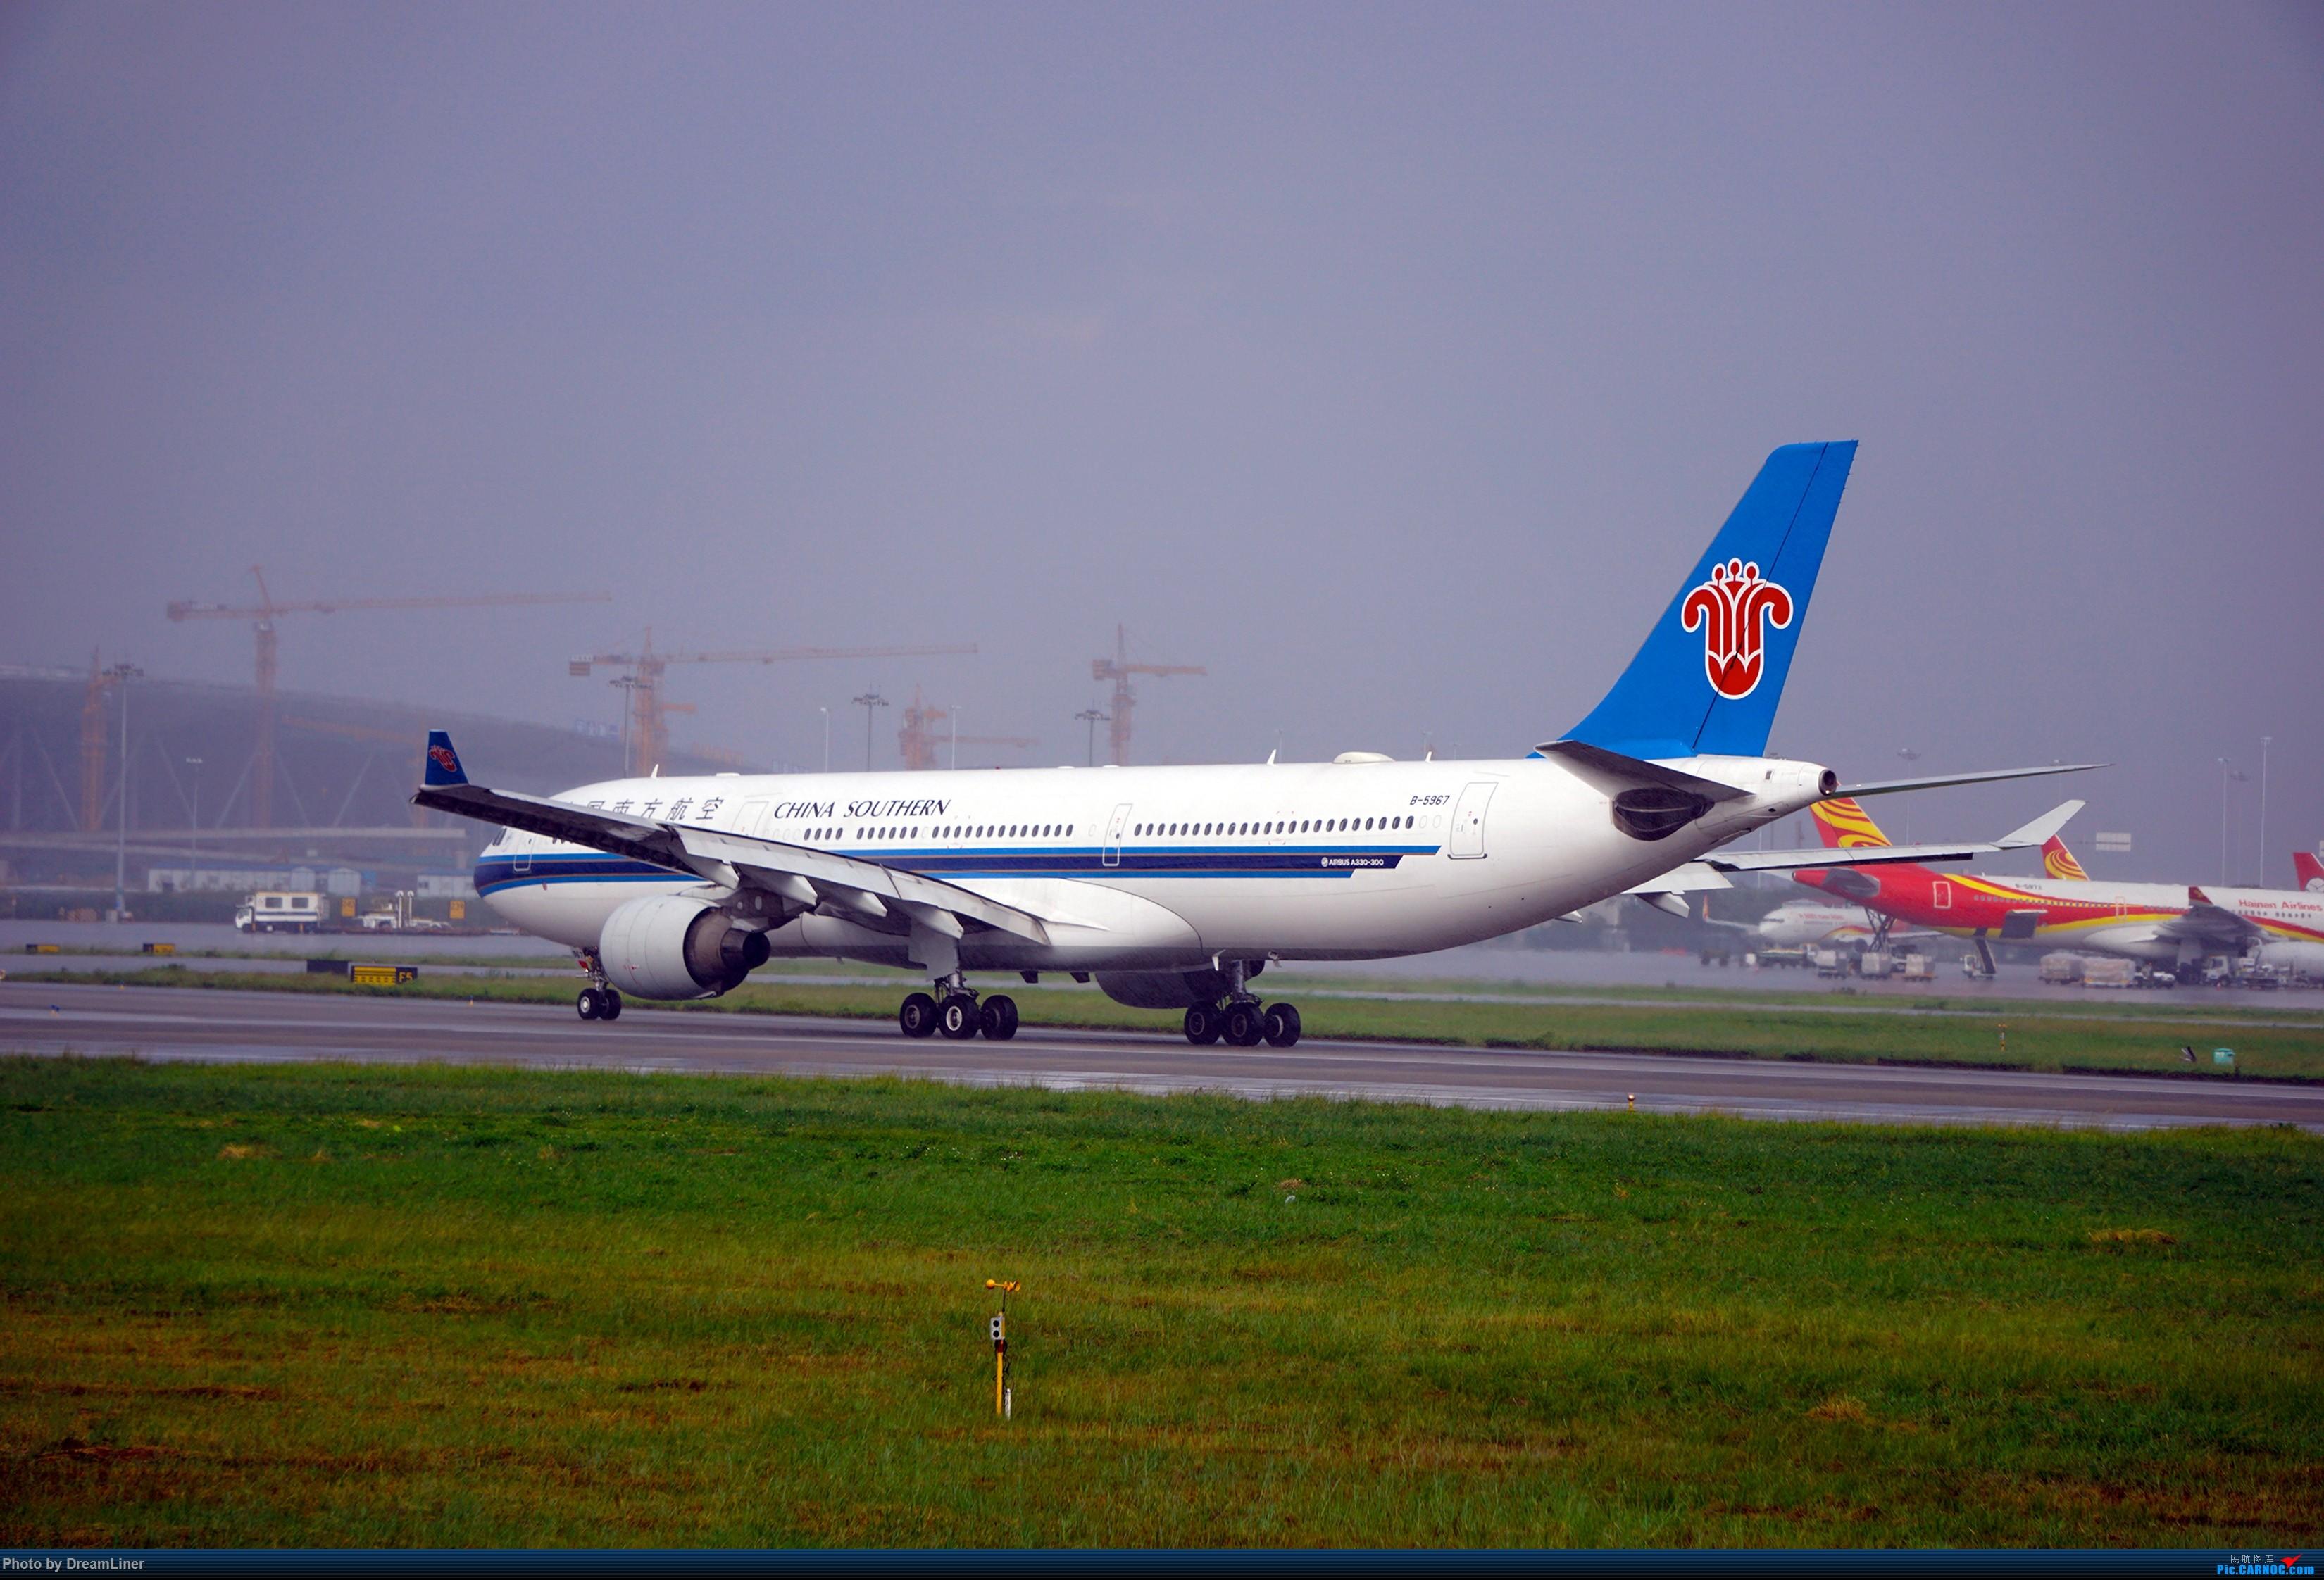 Re:[原创]2016.10.3 白云机场明星村、团结村拍机(部分修图) AIRBUS A330-300 B-5967 中国广州白云国际机场